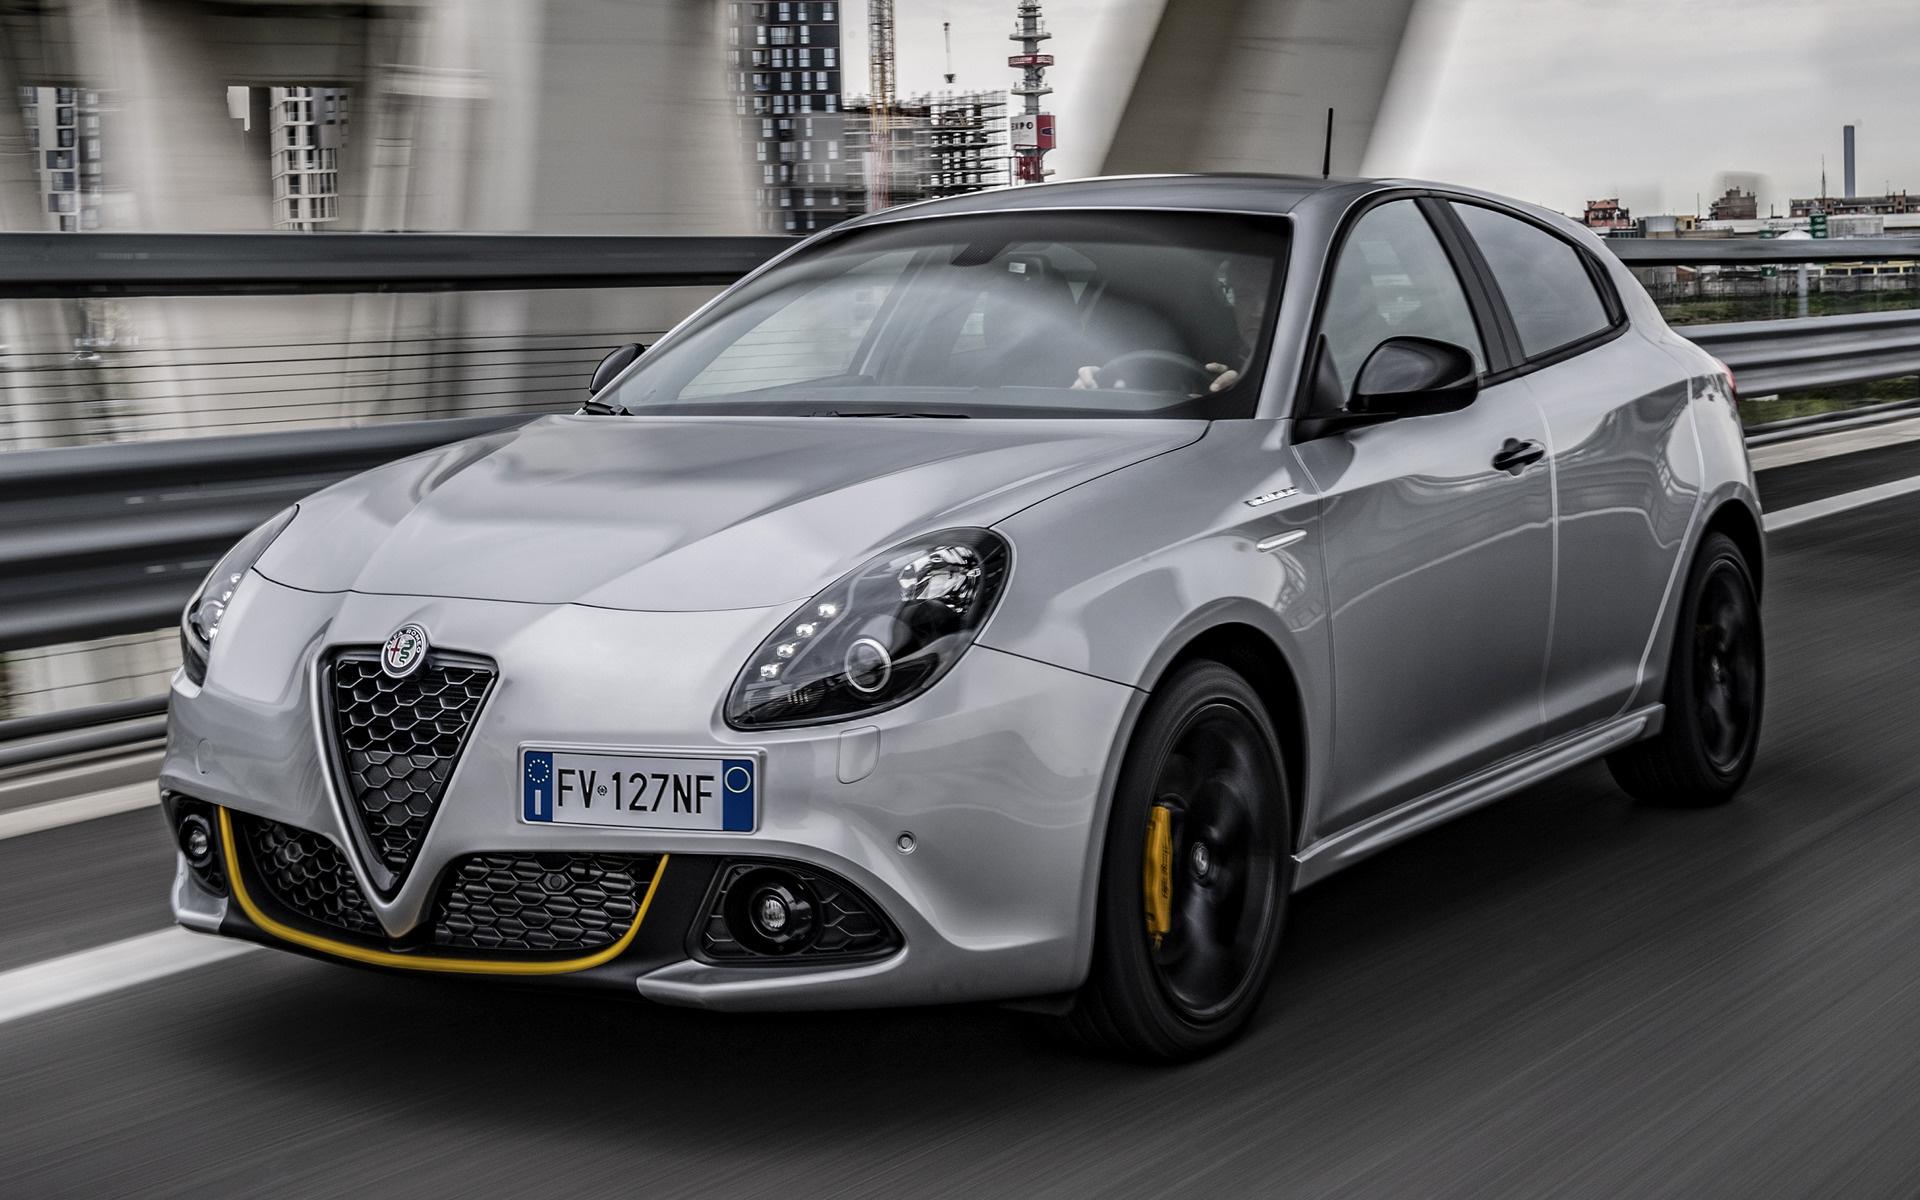 2019 Alfa Romeo Giulietta Veloce Papeis De Parede E Imagens De Fundo Em Hd Car Pixel